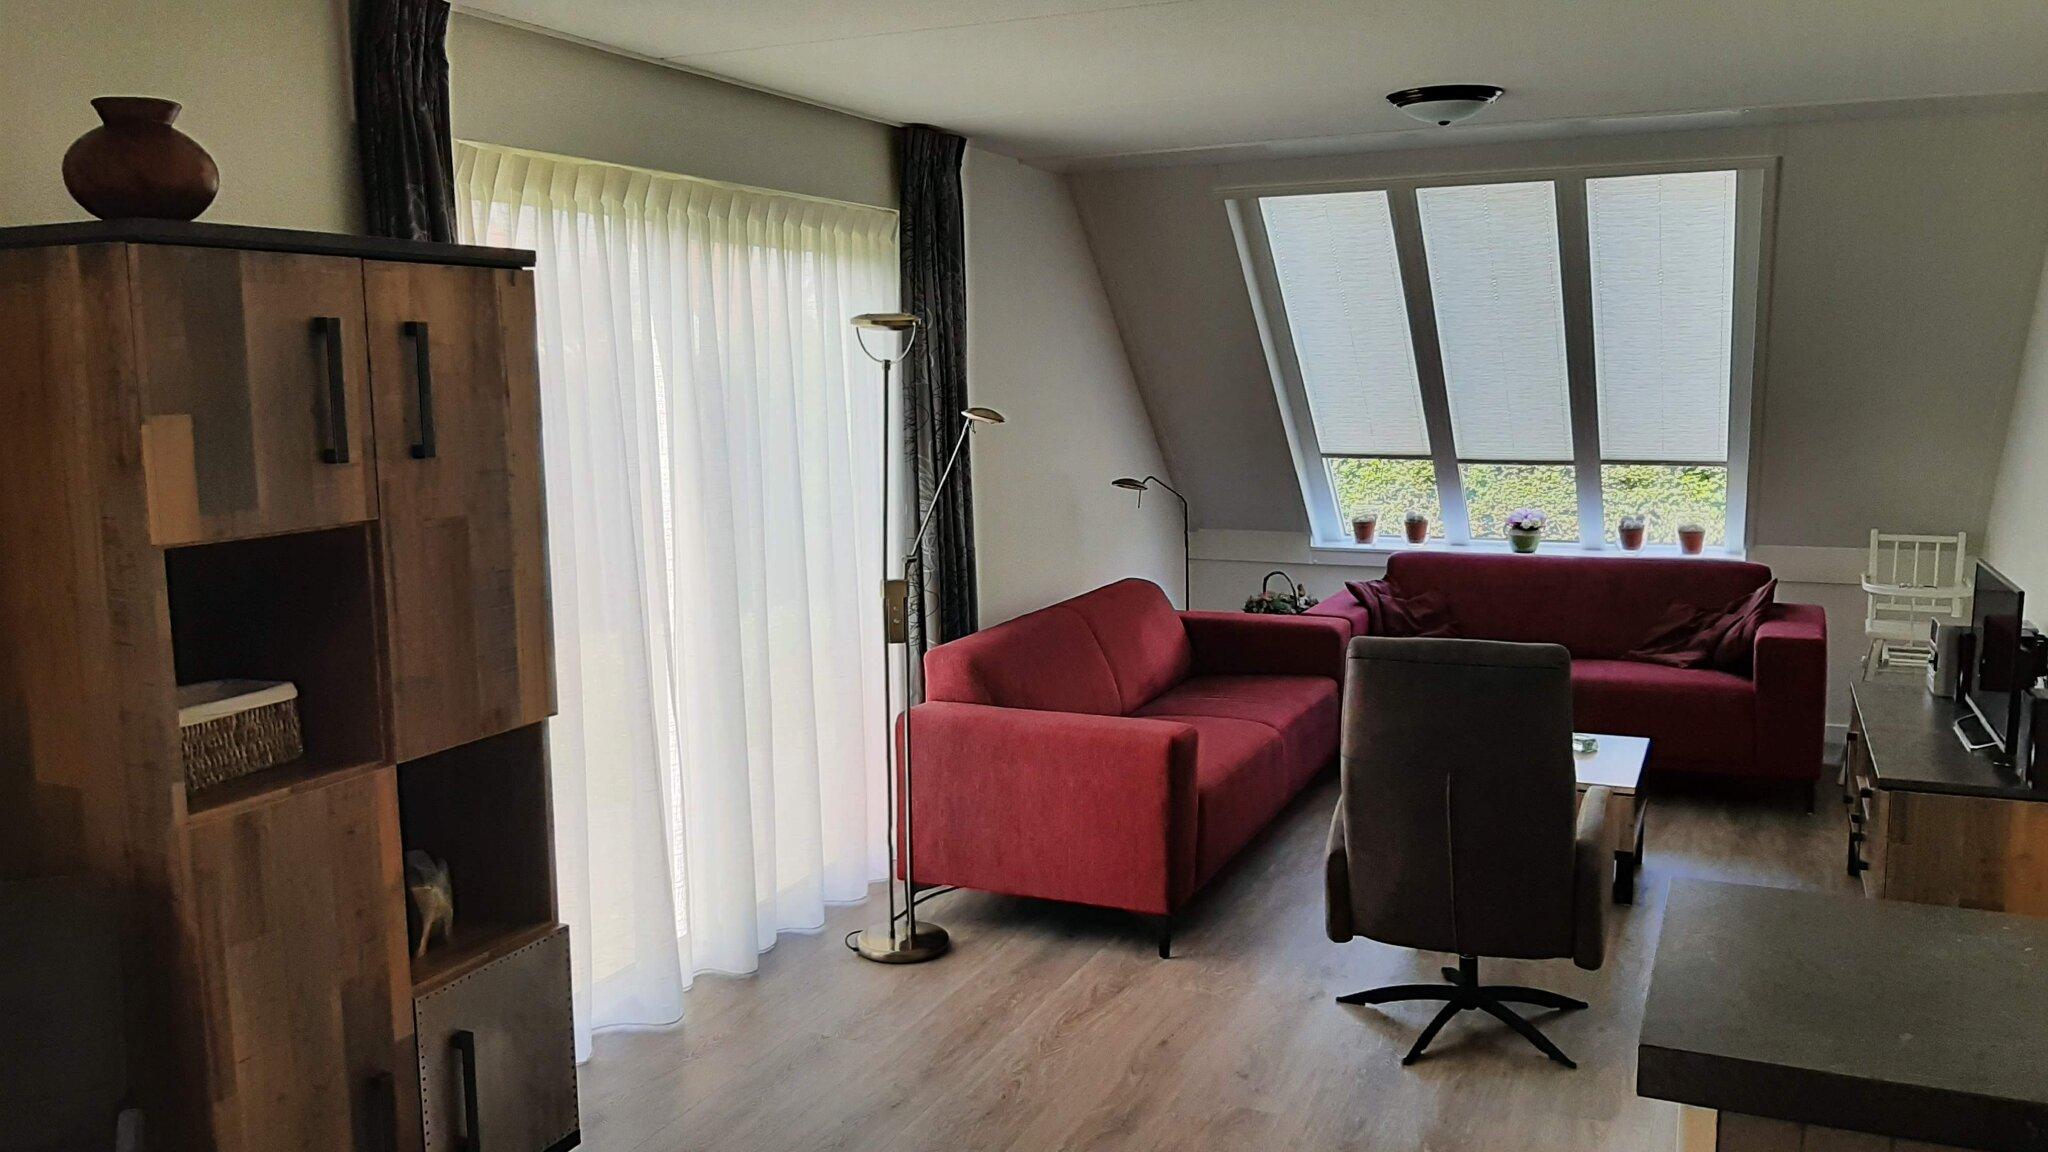 Wohnzimmer mit flatscreen tv,dvd spieler